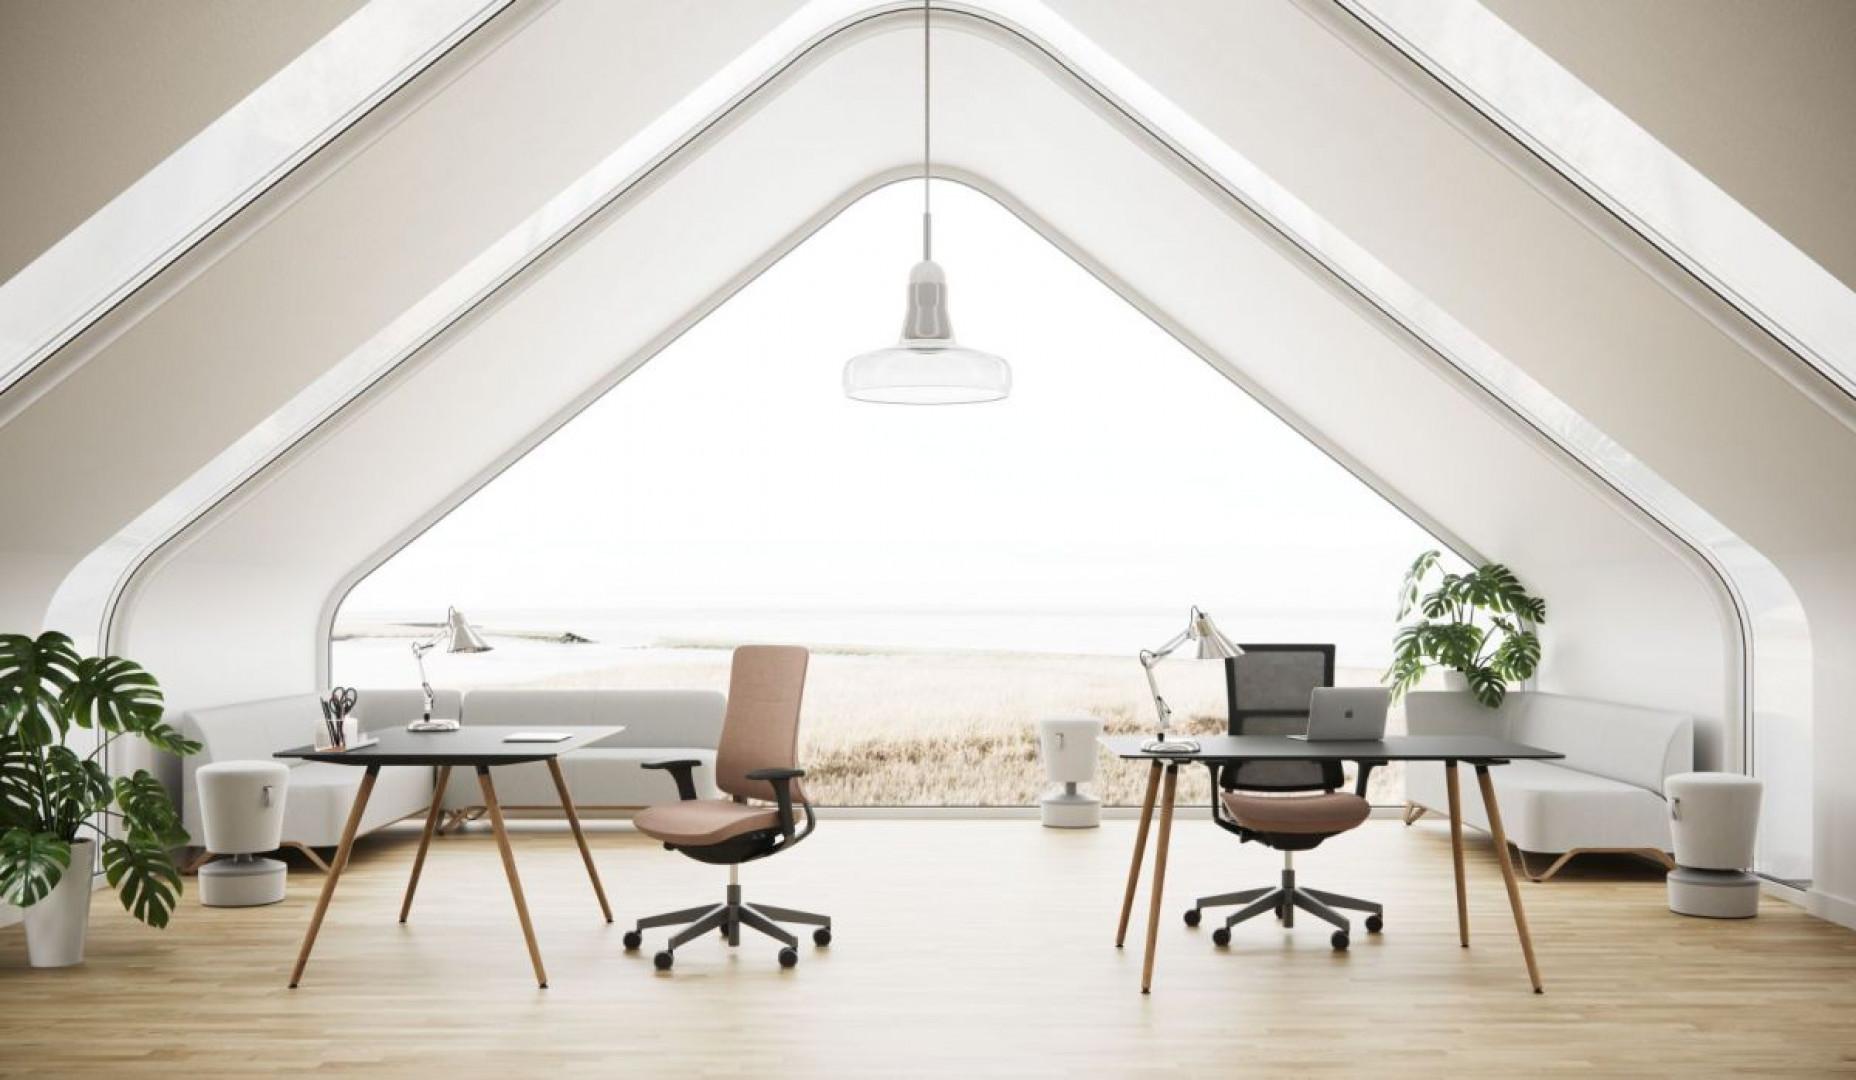 Fotele z kolekcji Violle firmy Profim. Fot. Profim